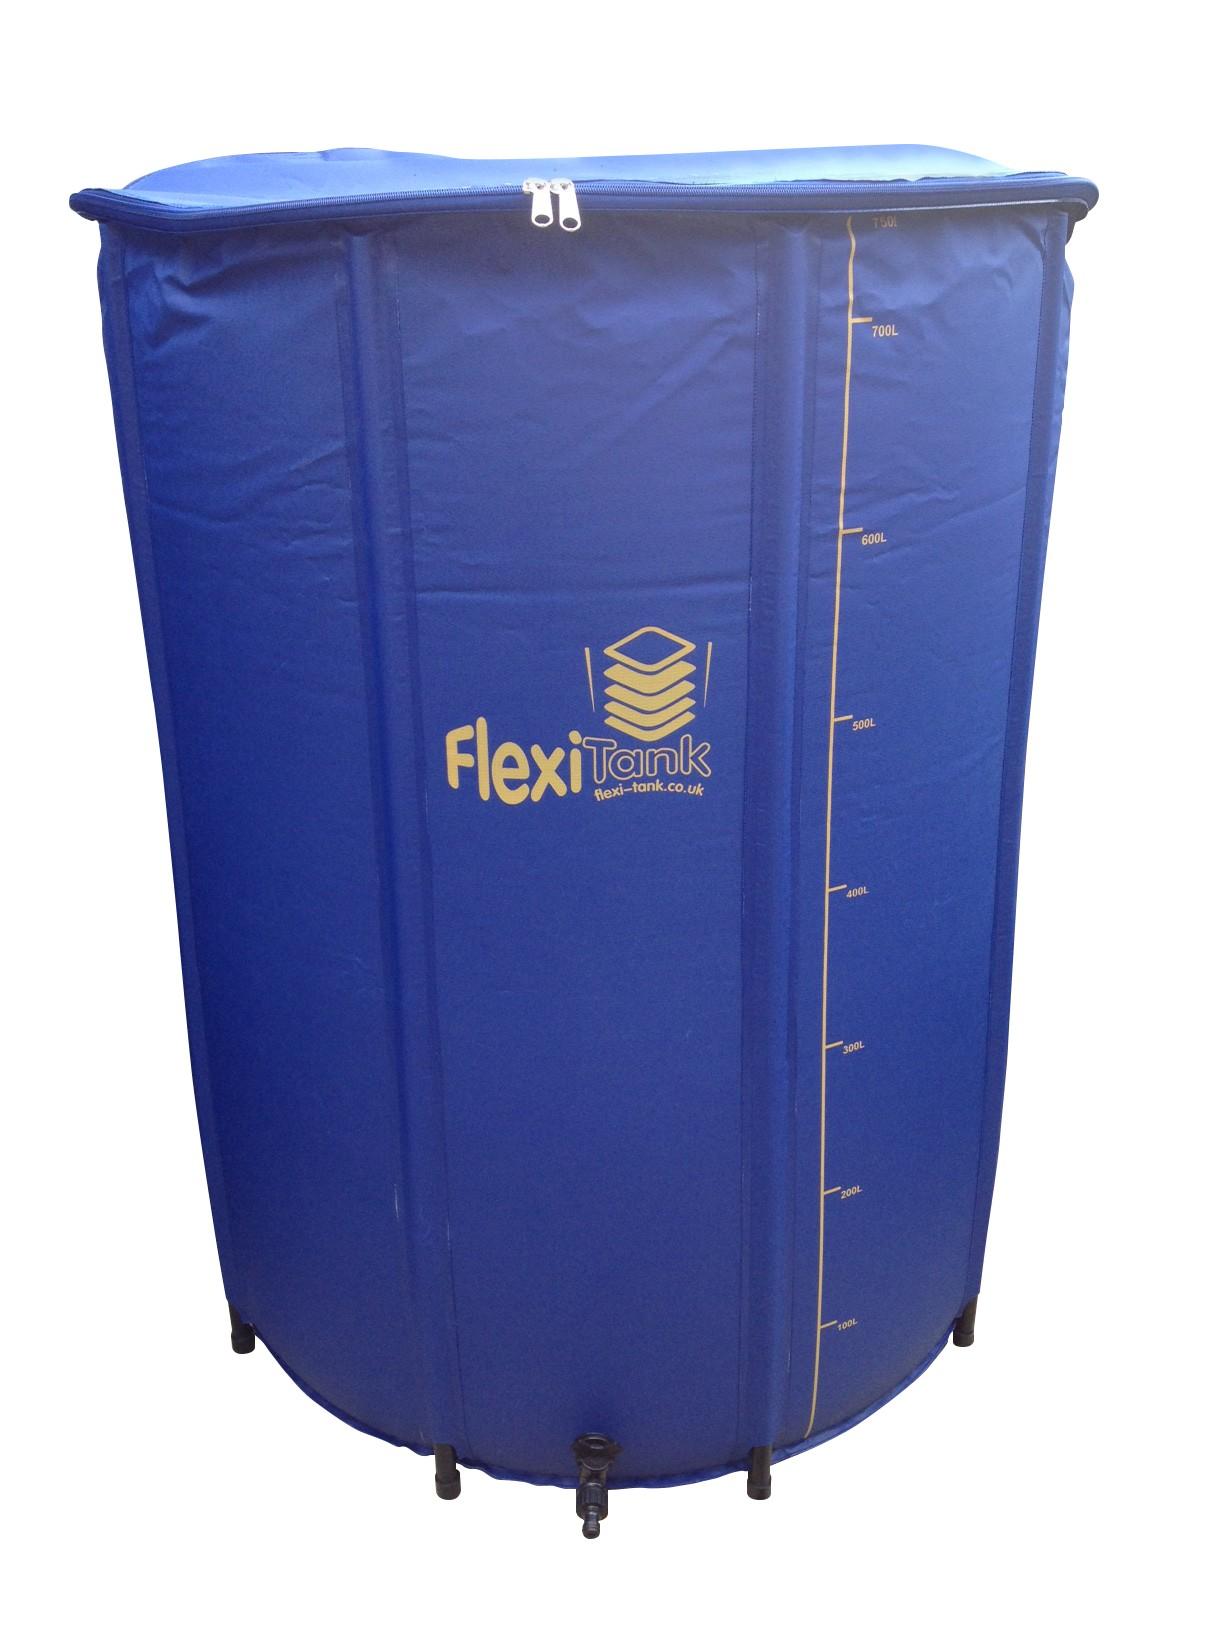 Autopot Flexitank 750L, flexibilní nádrž